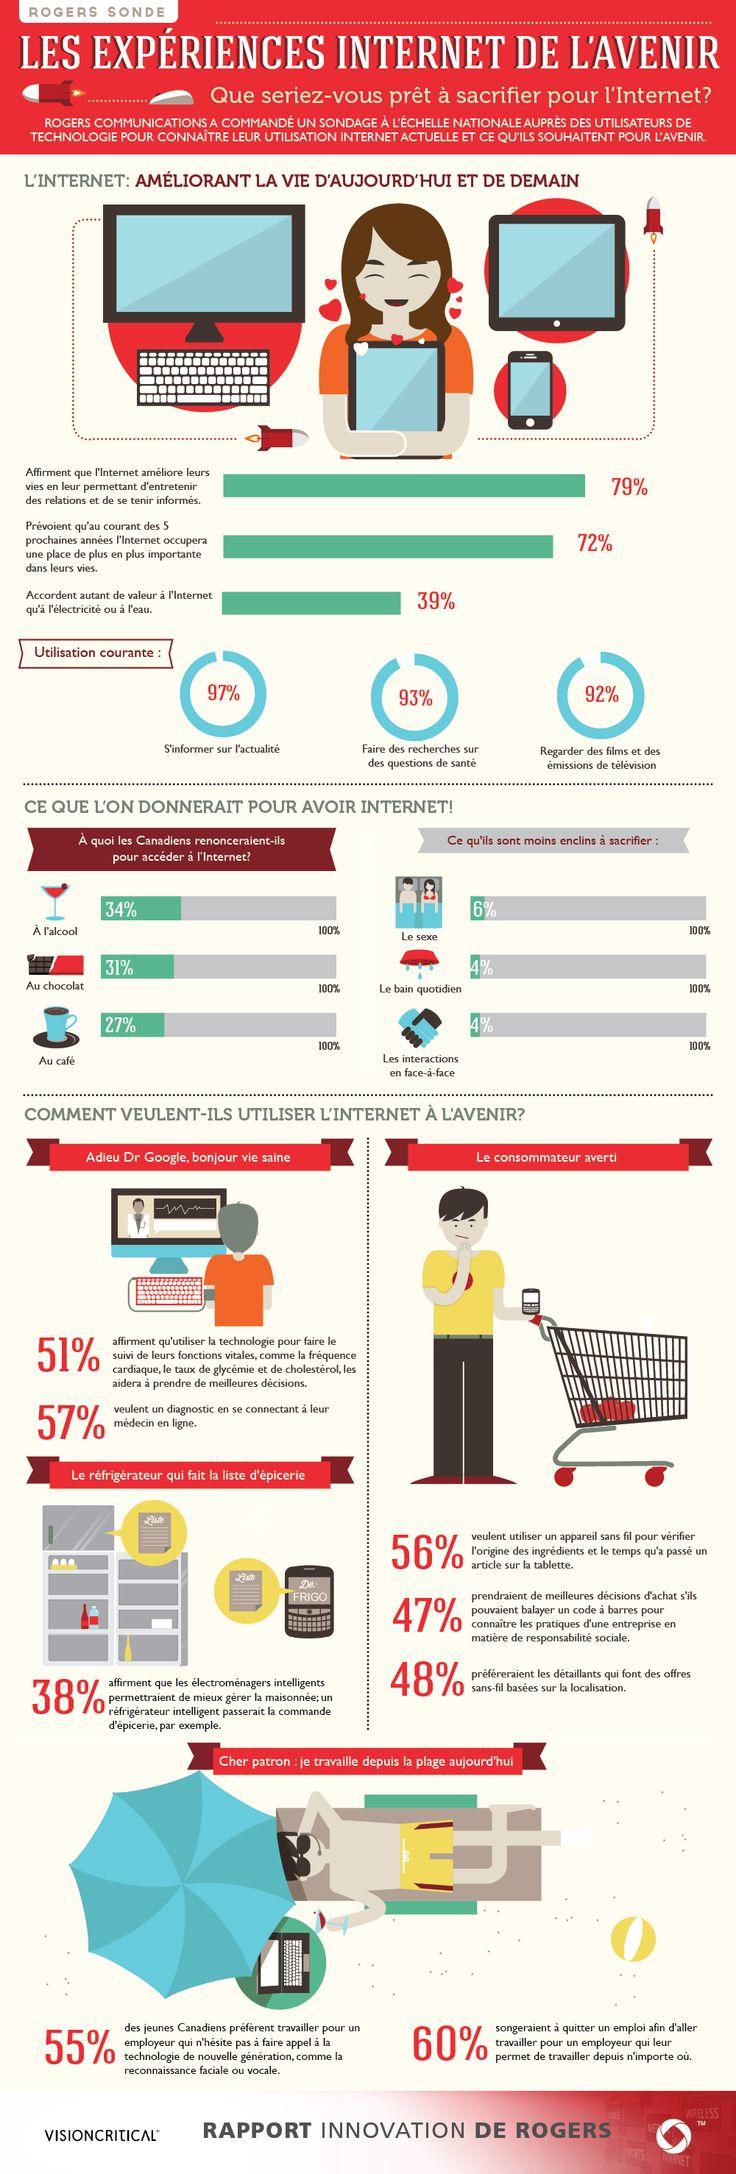 Rapport Innovation de Rogers: Que seriez-vous prêt à sacrifier pour Internet? (Réalisé avec la participation de @Michelle Sullivan)